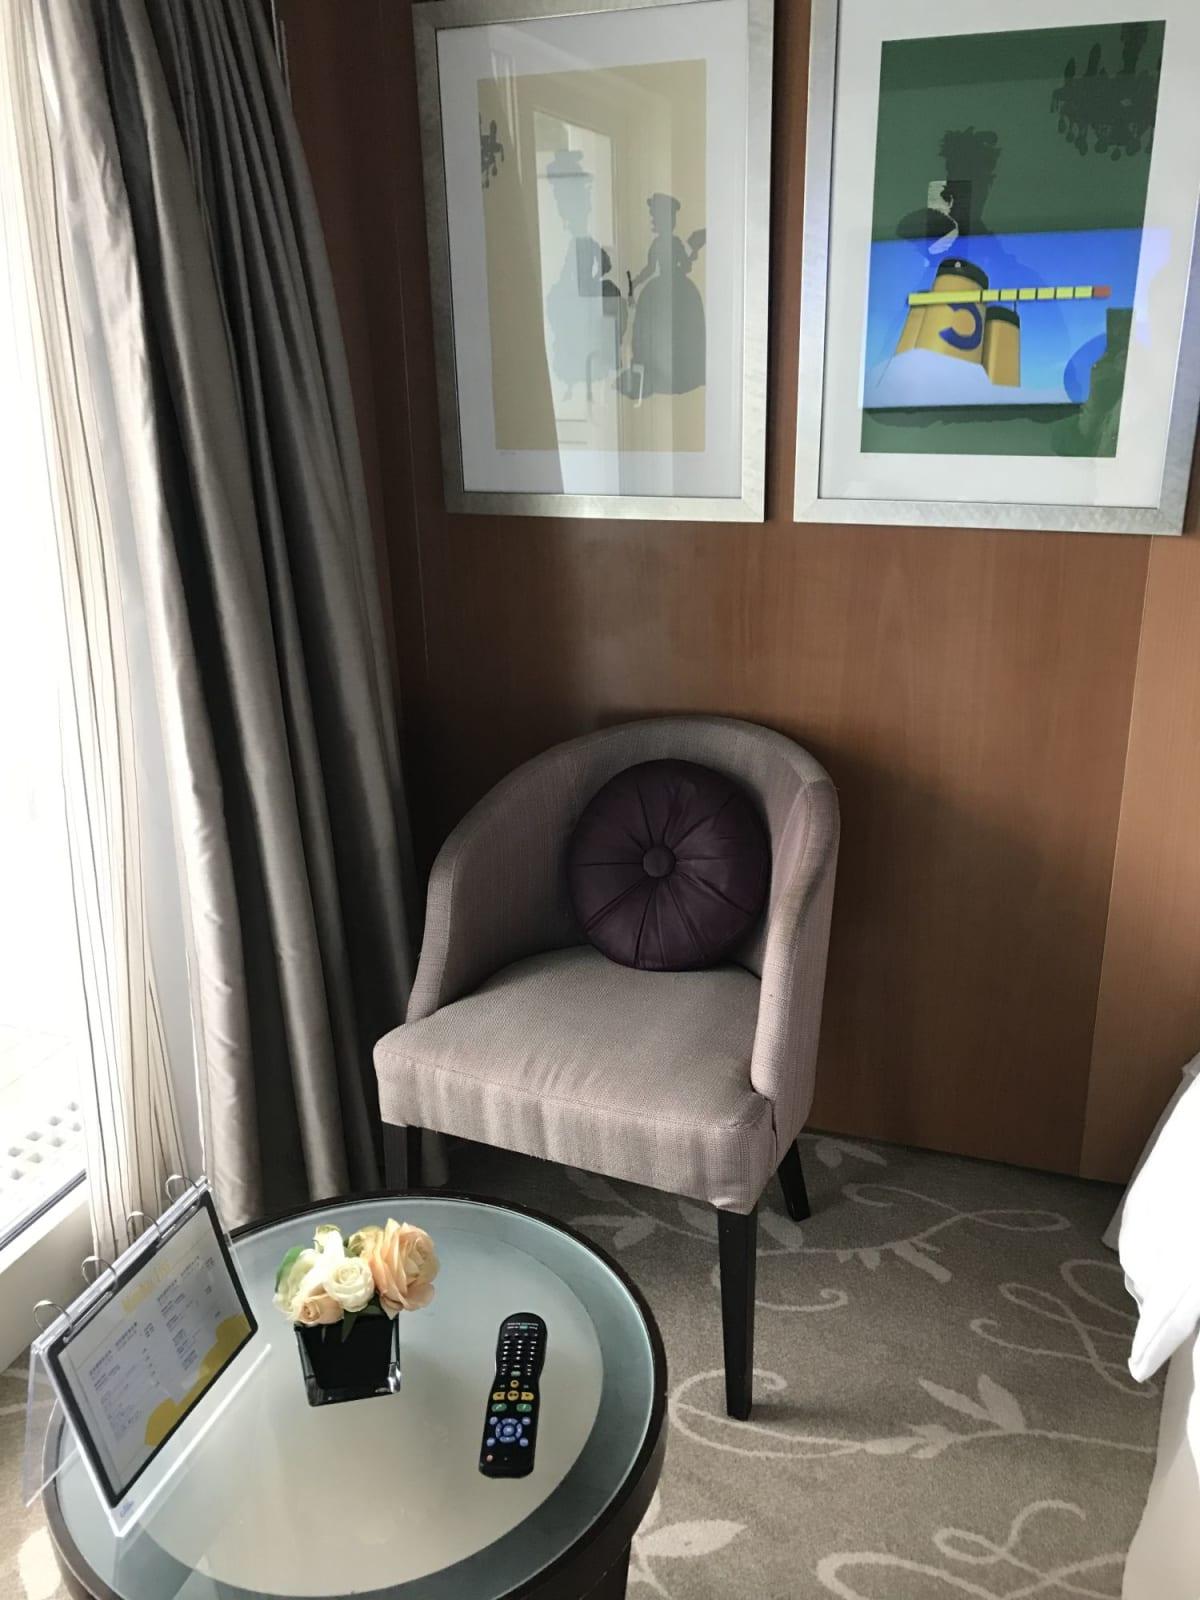 海側バルコニー室内 | 客船コスタ・ネオロマンチカの客室